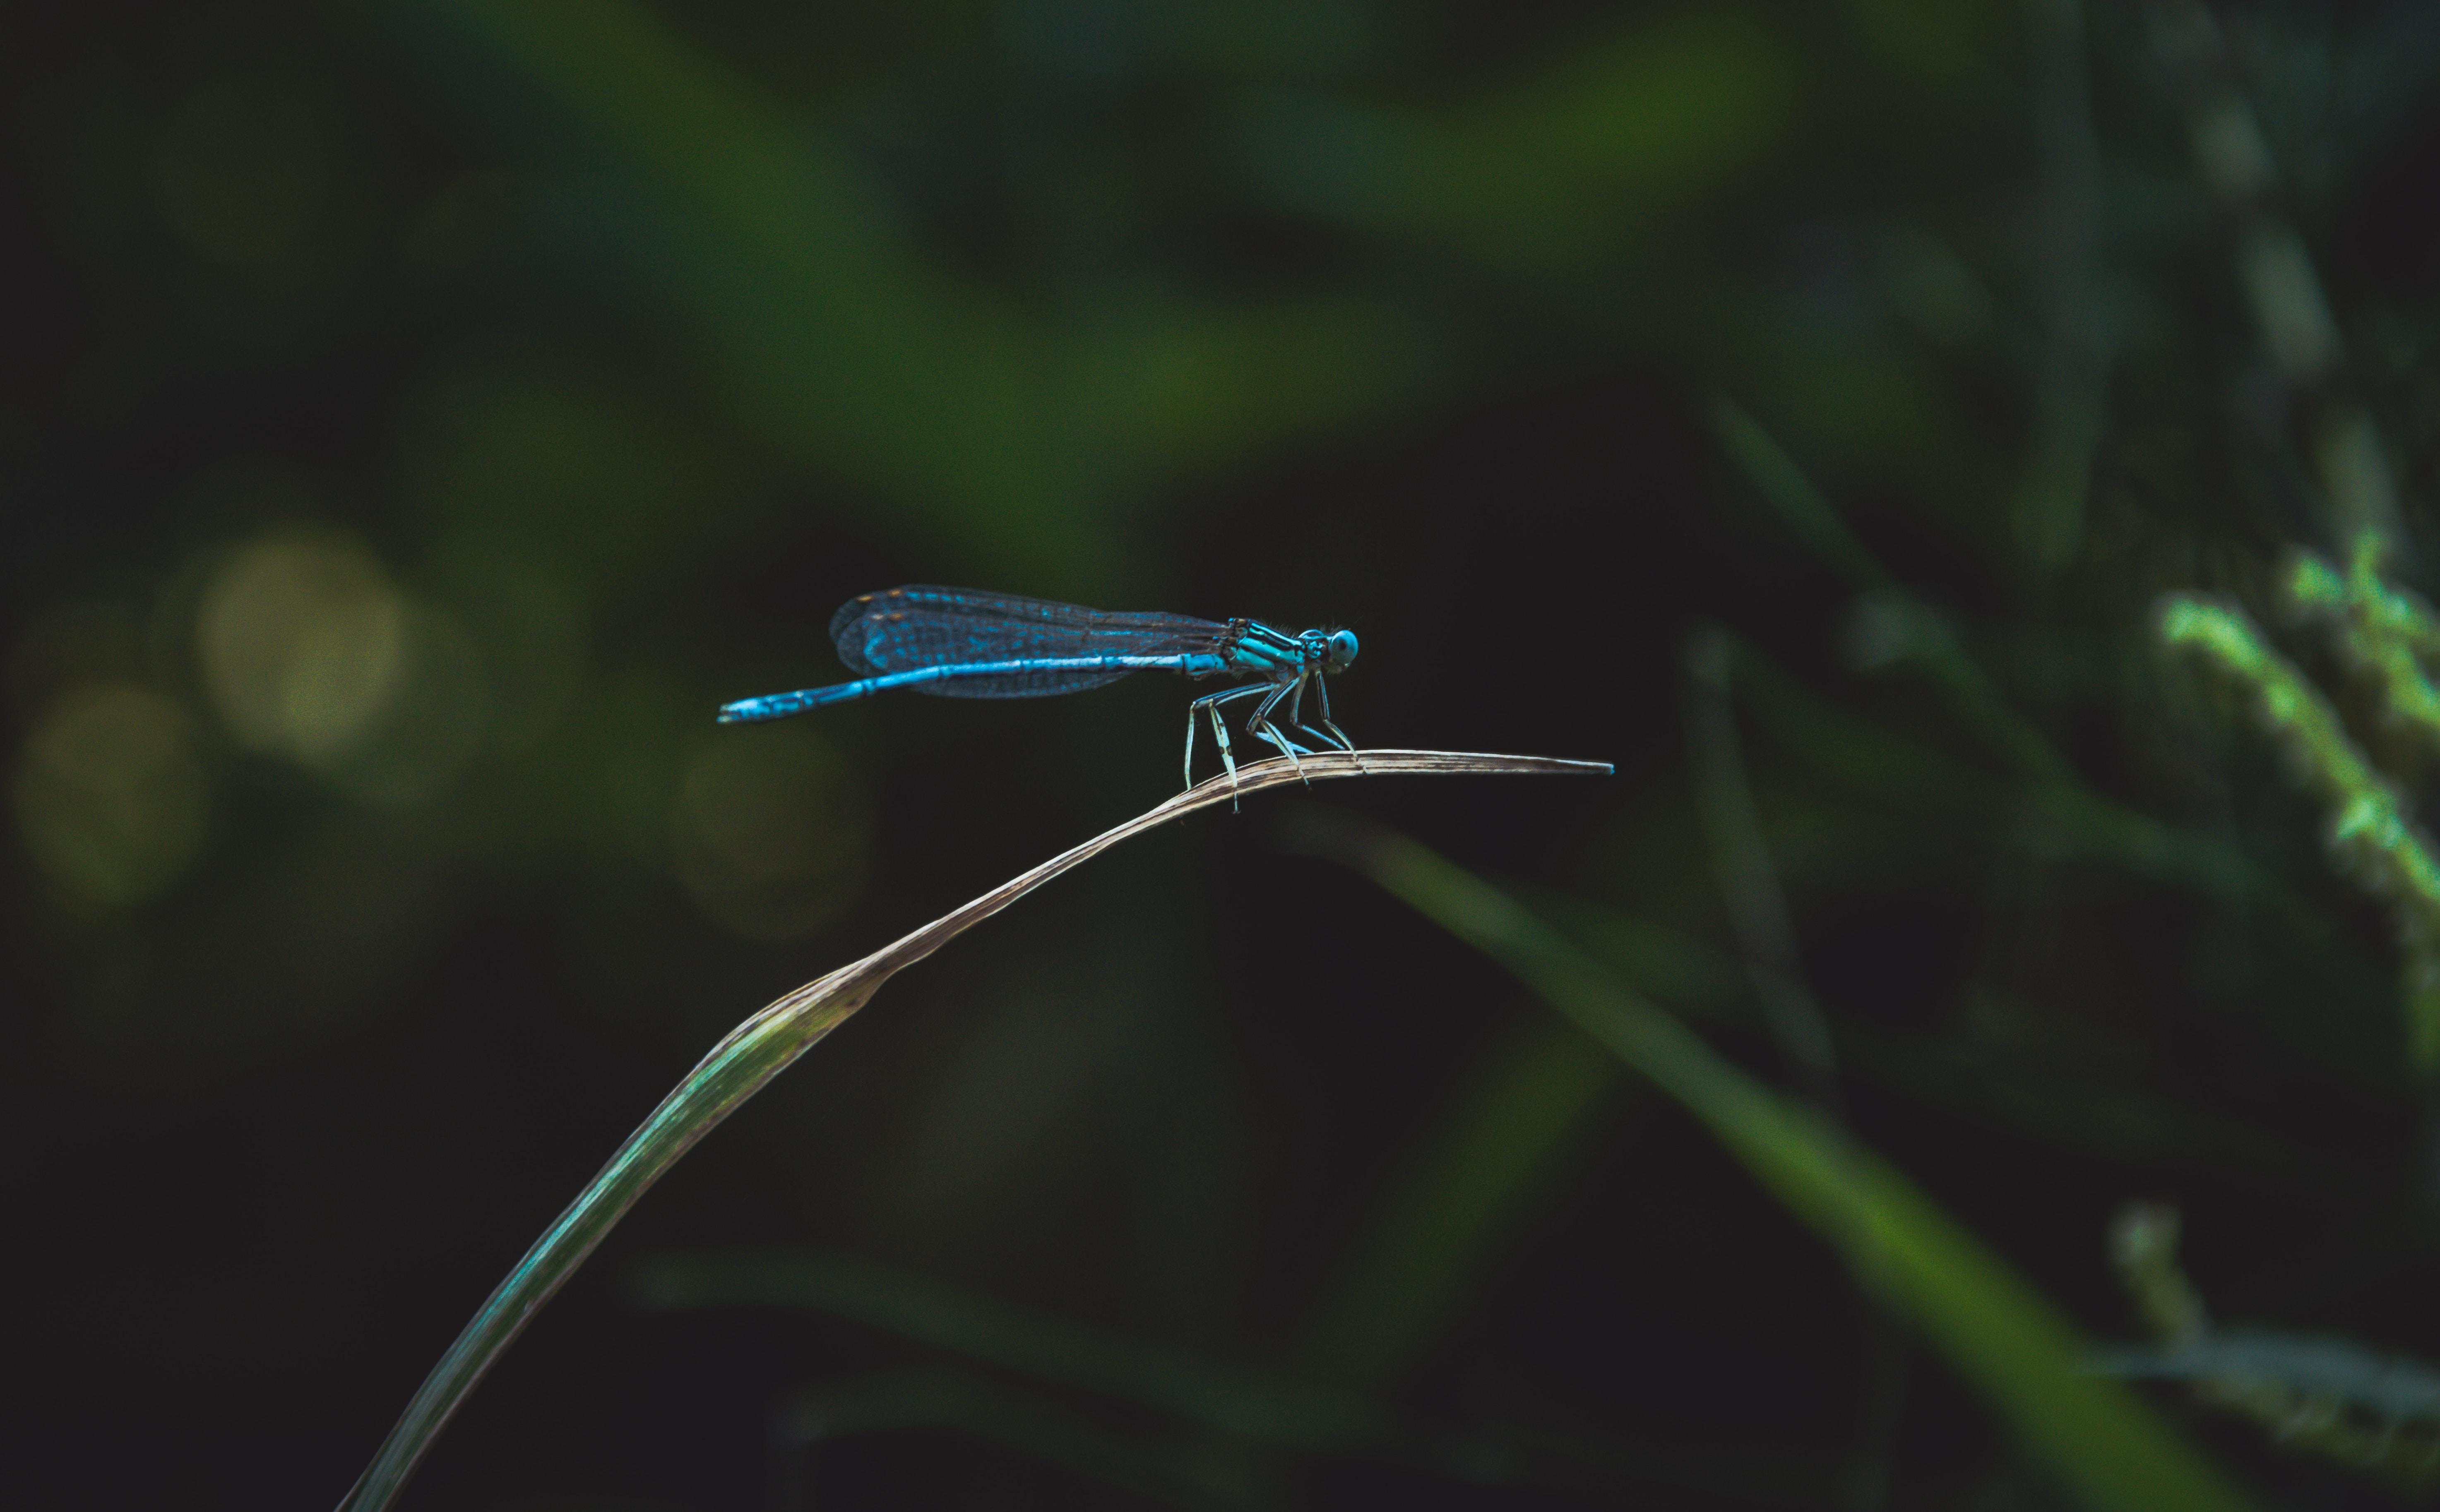 blue dragonfly on green grass leaf